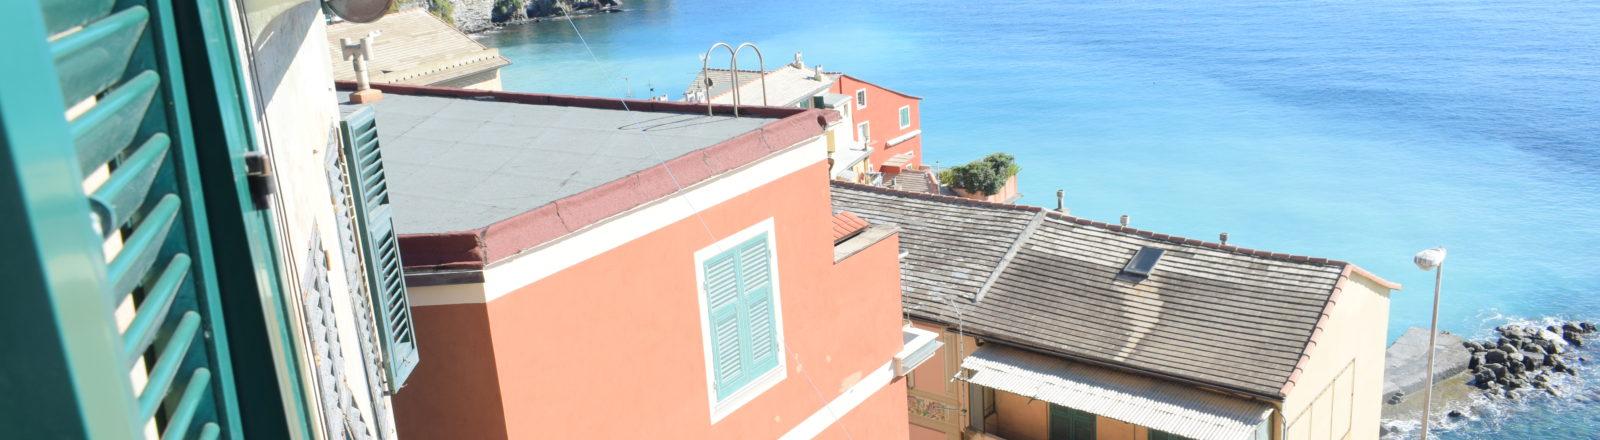 Sori(GE) - AURELIA Affittasi annualmente appartamento con vista mare mozzafiato